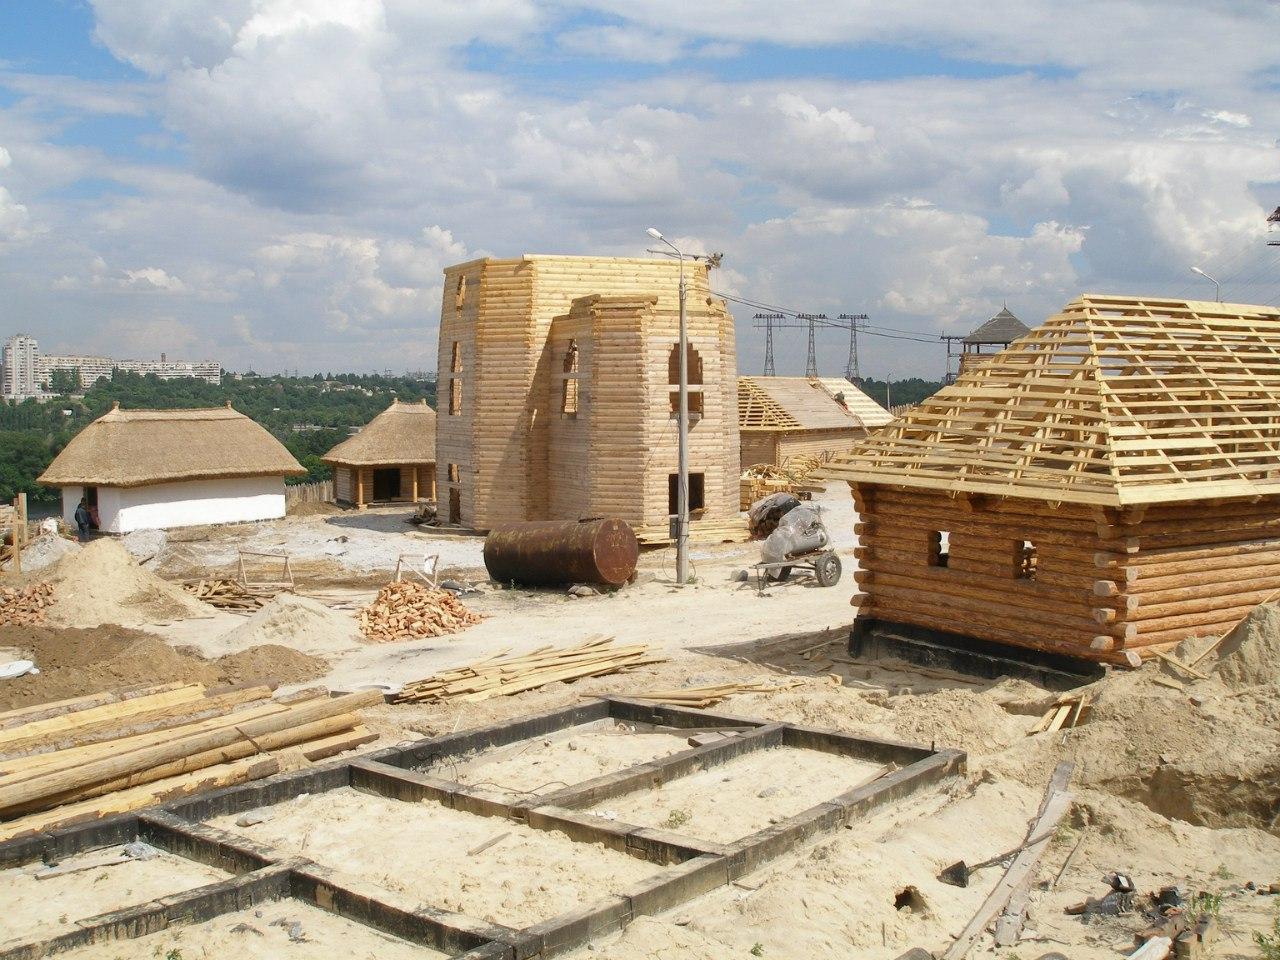 Опубликованы редкие фото строительства Запорожской Сечи (ФОТО)